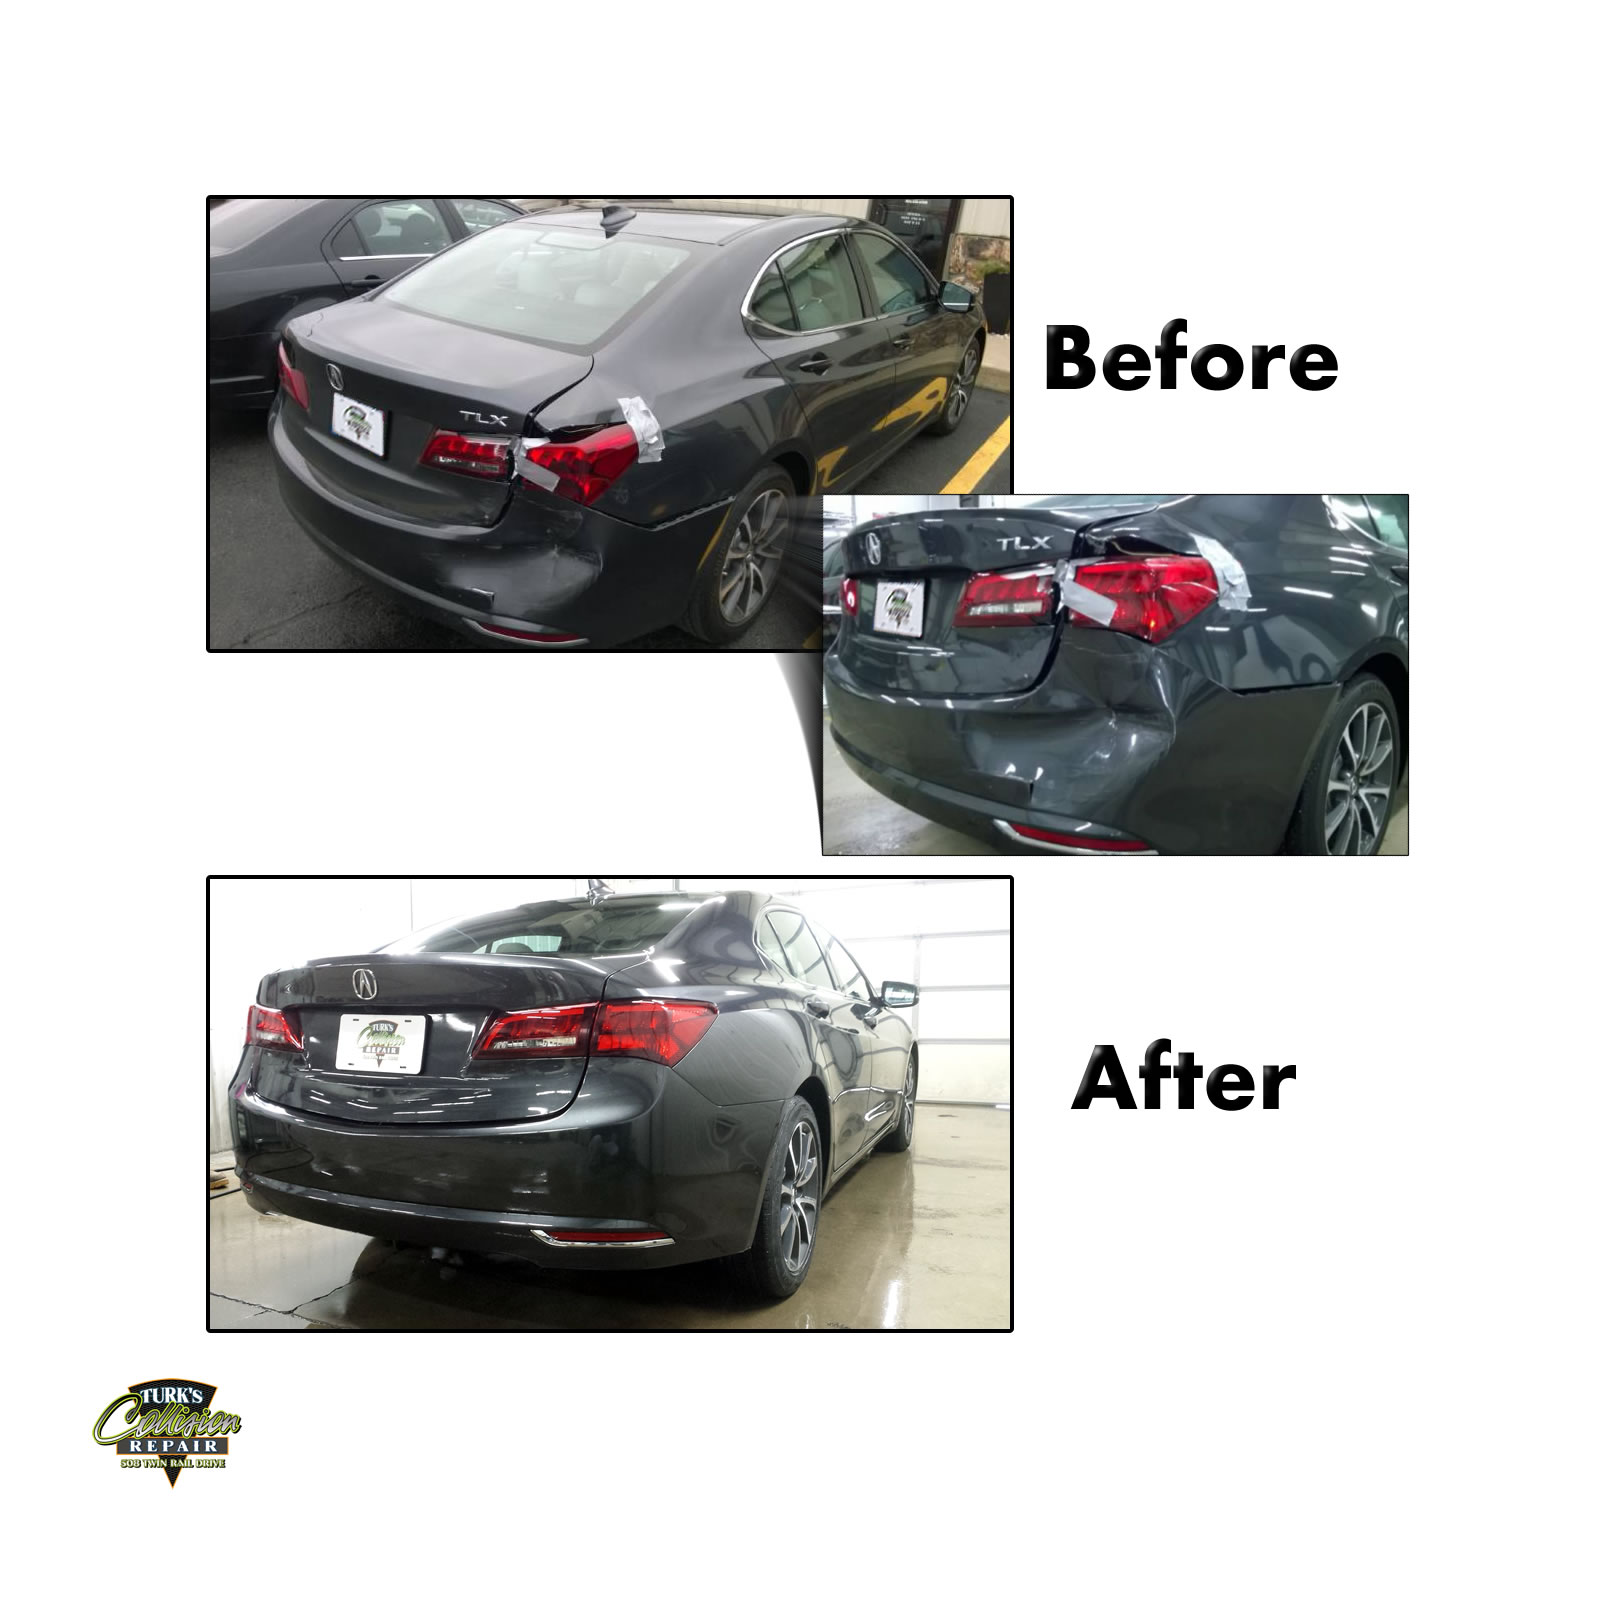 Acura TLX Collision Repair